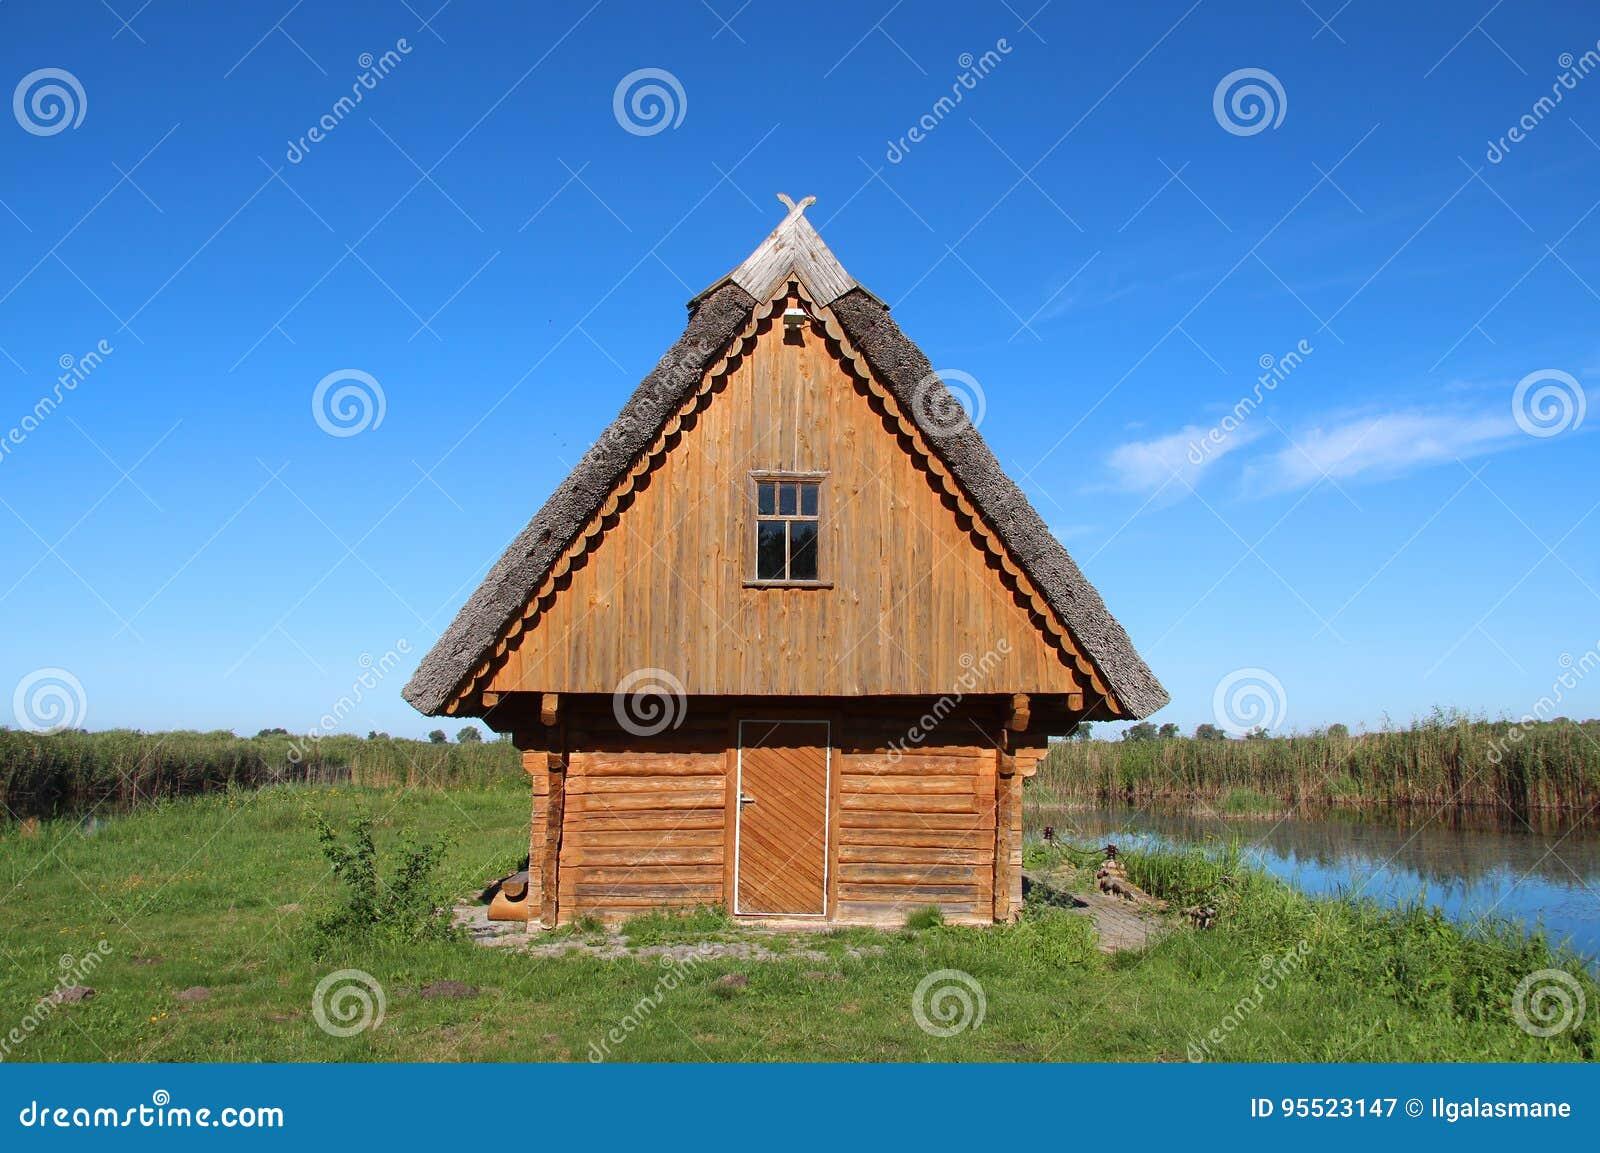 Kleines Holzhaus Auf Einem Grunen Feld Nahe Bei See